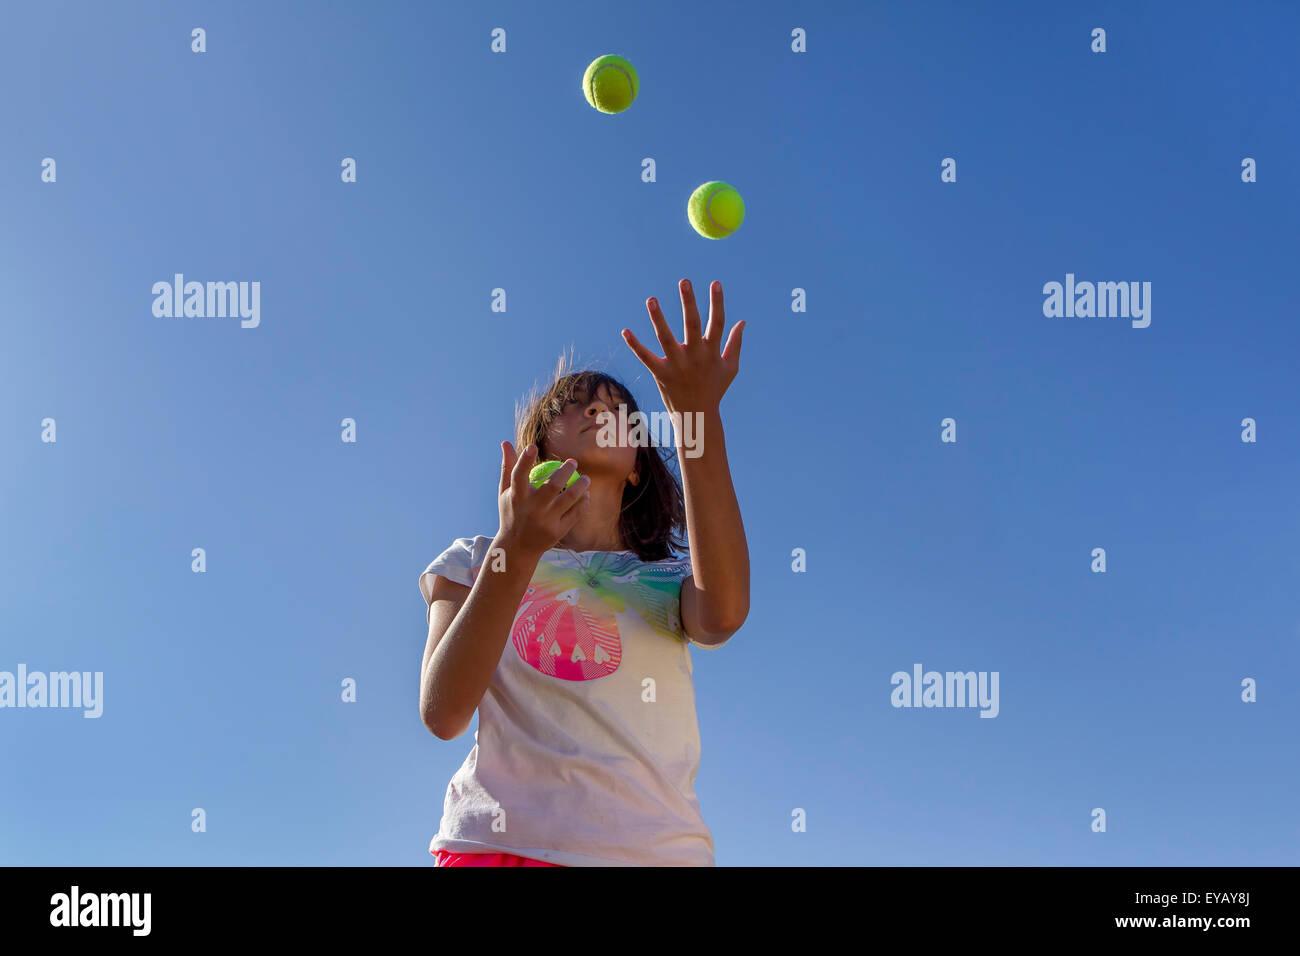 Juggling tennis balls. - Stock Image